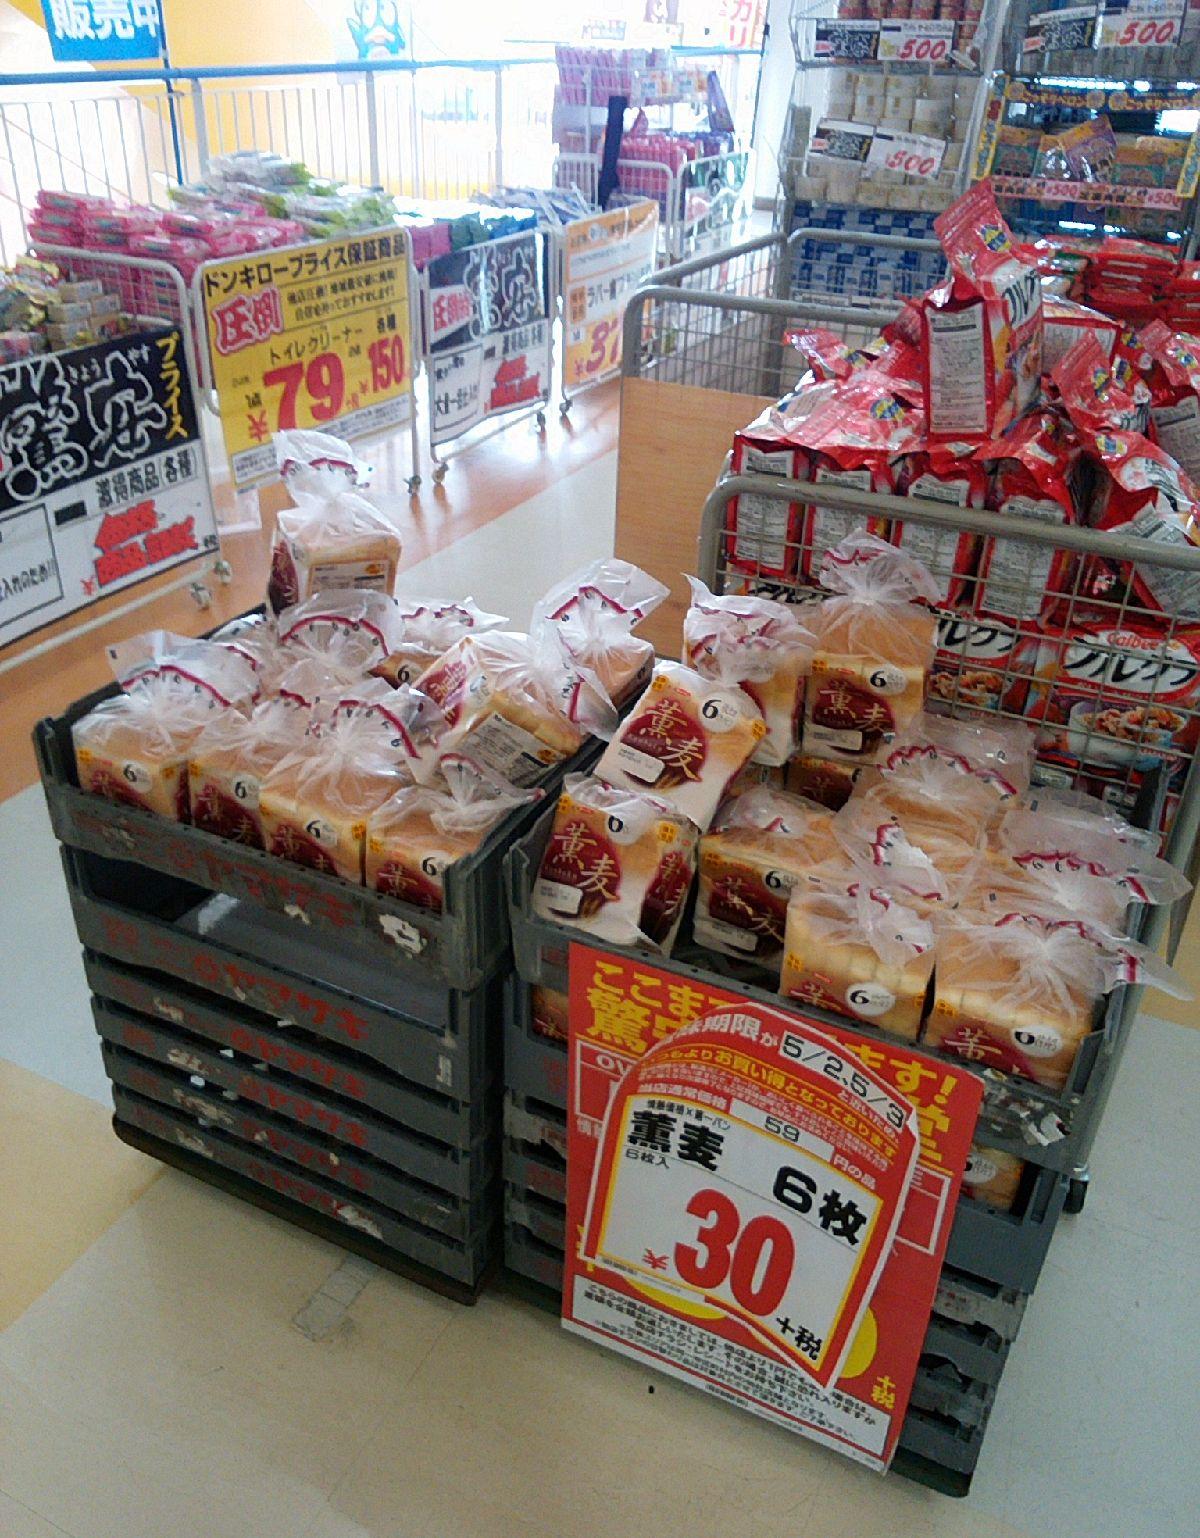 最安値更新!食パン6枚切り30円!(ドンキホーテ)